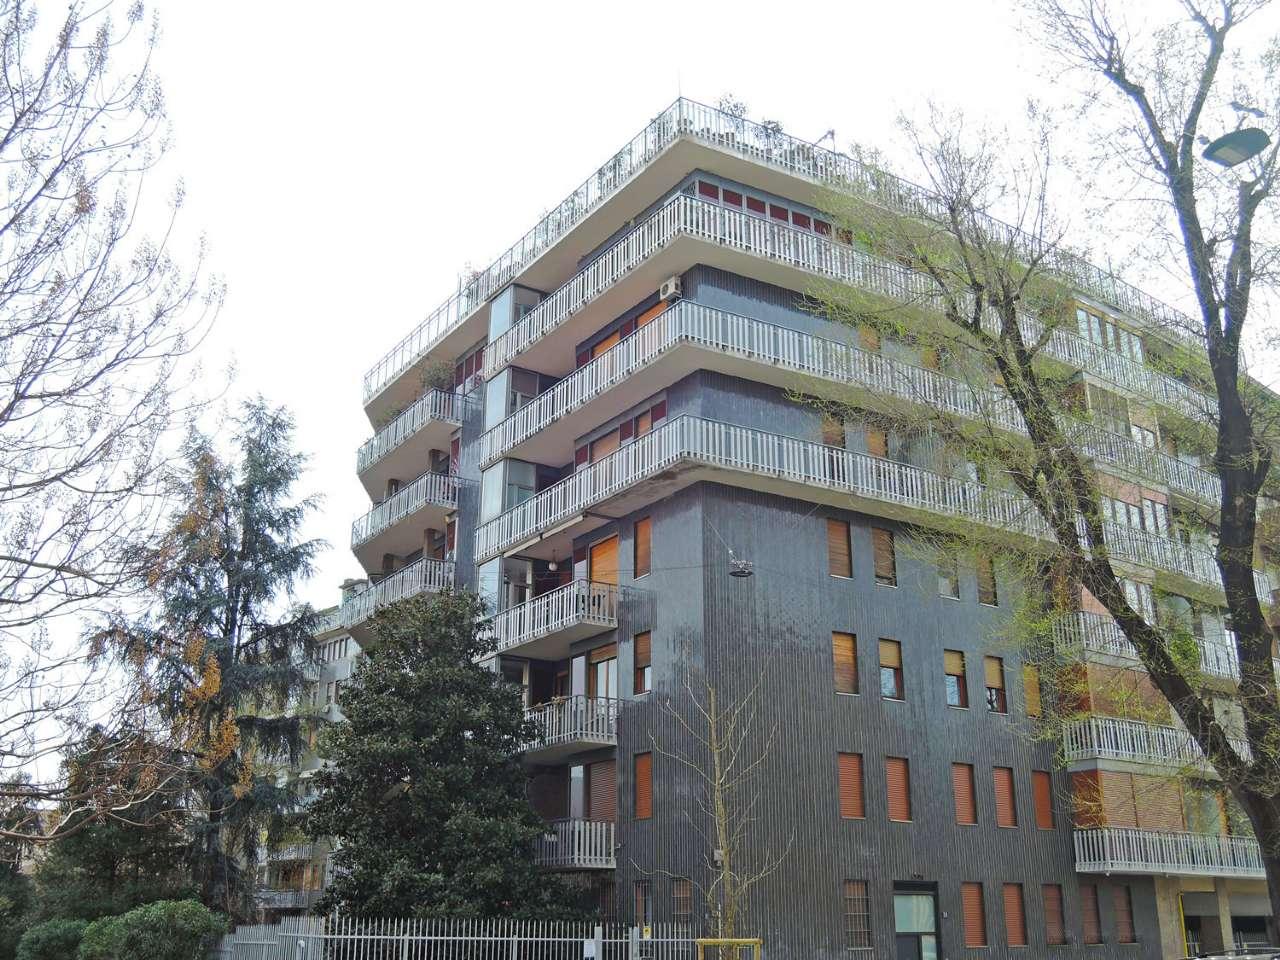 Appartamento in Affitto a Milano 07 Darsena /  Ticinese:  3 locali, 170 mq  - Foto 1